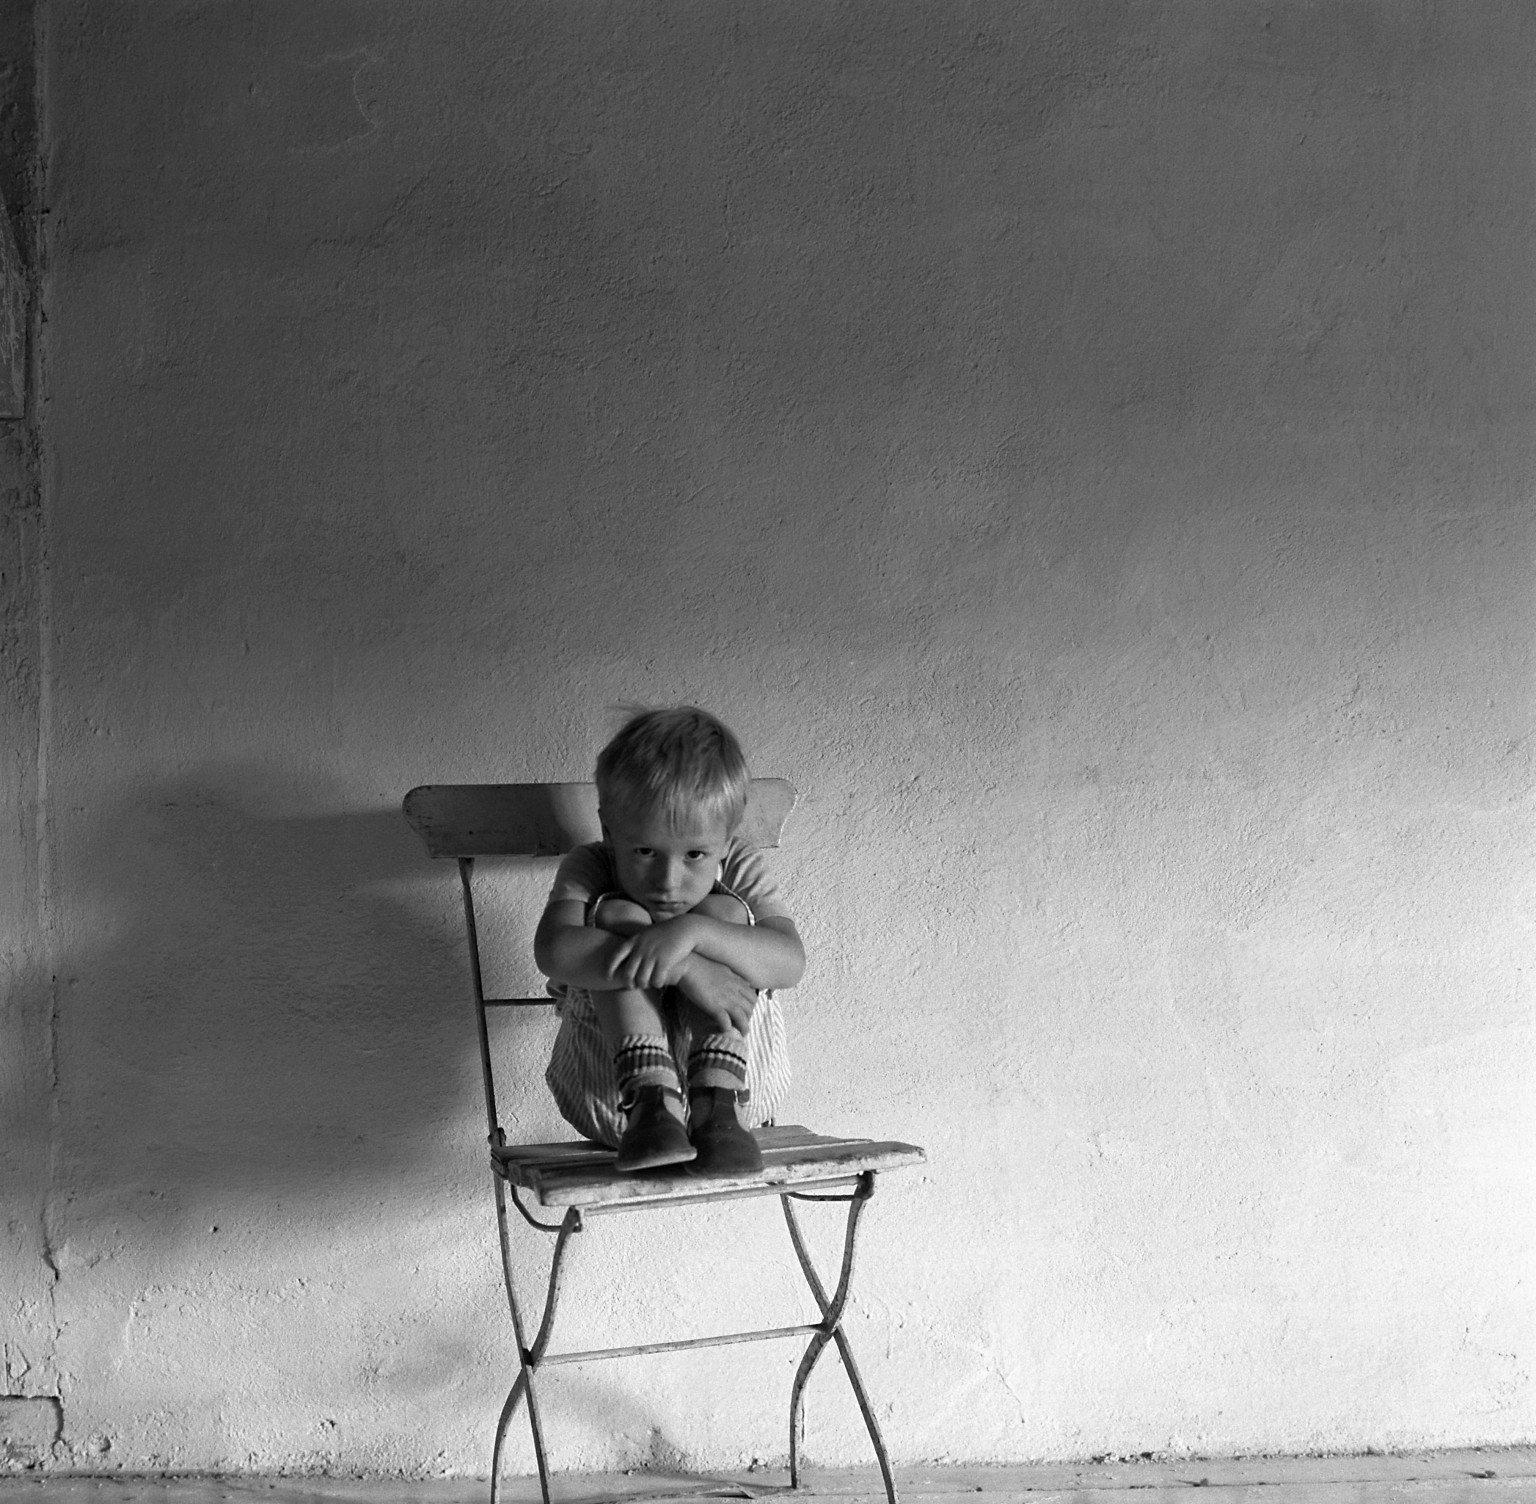 Wallpaper 1536x1504 Px Alone Boy Child Children